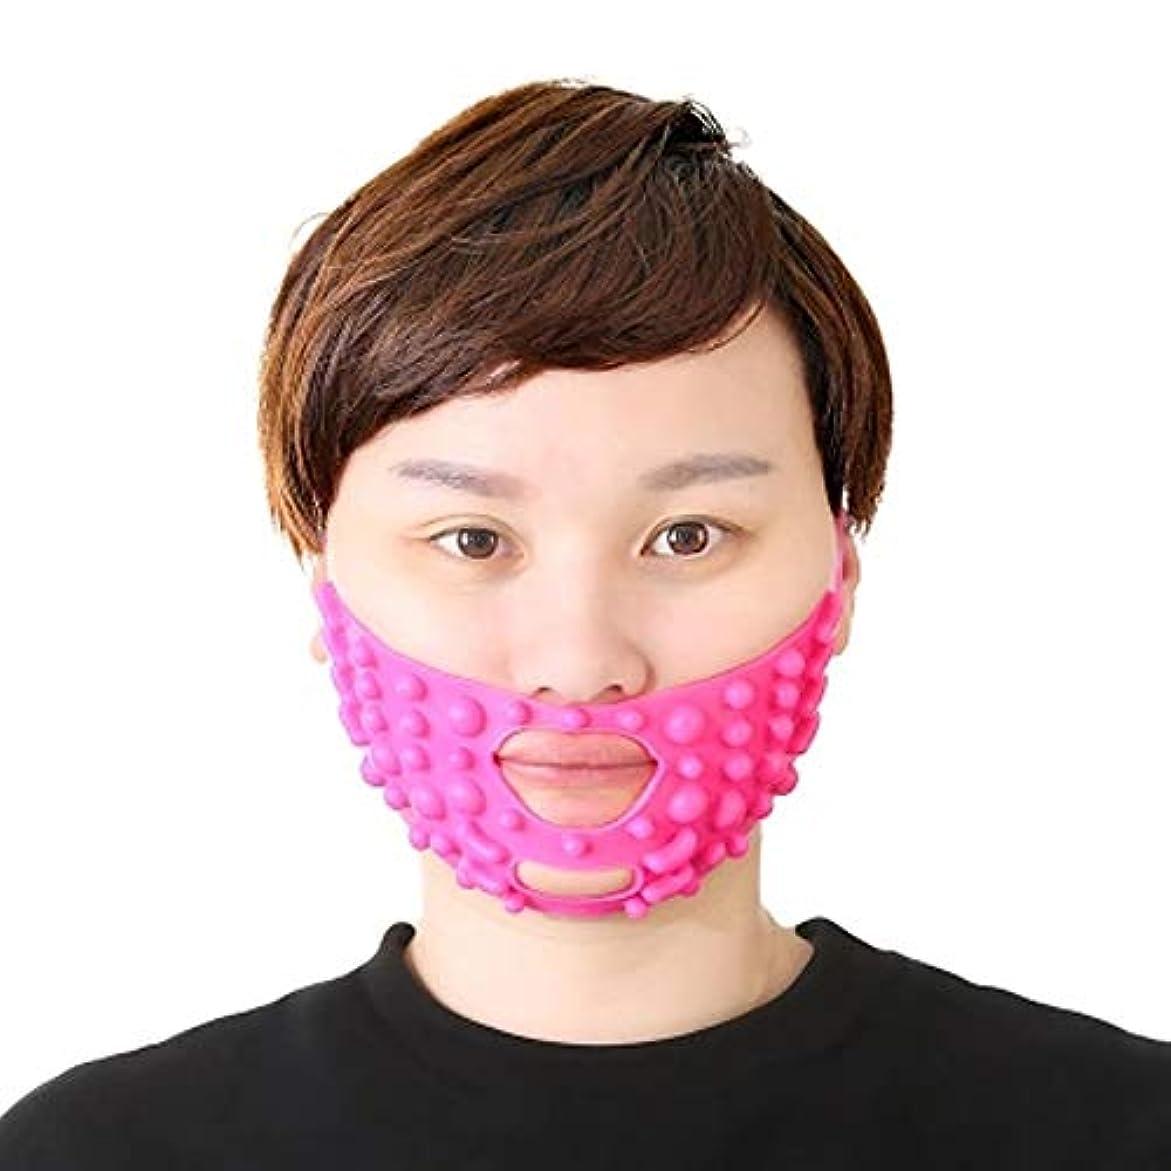 ダイヤモンド酸化物破産ダブルの顎のストラップ、顔のマッサージの包帯を持ち上げて持ち上げて小さなVフェイスのマスク薄い顔の人工物